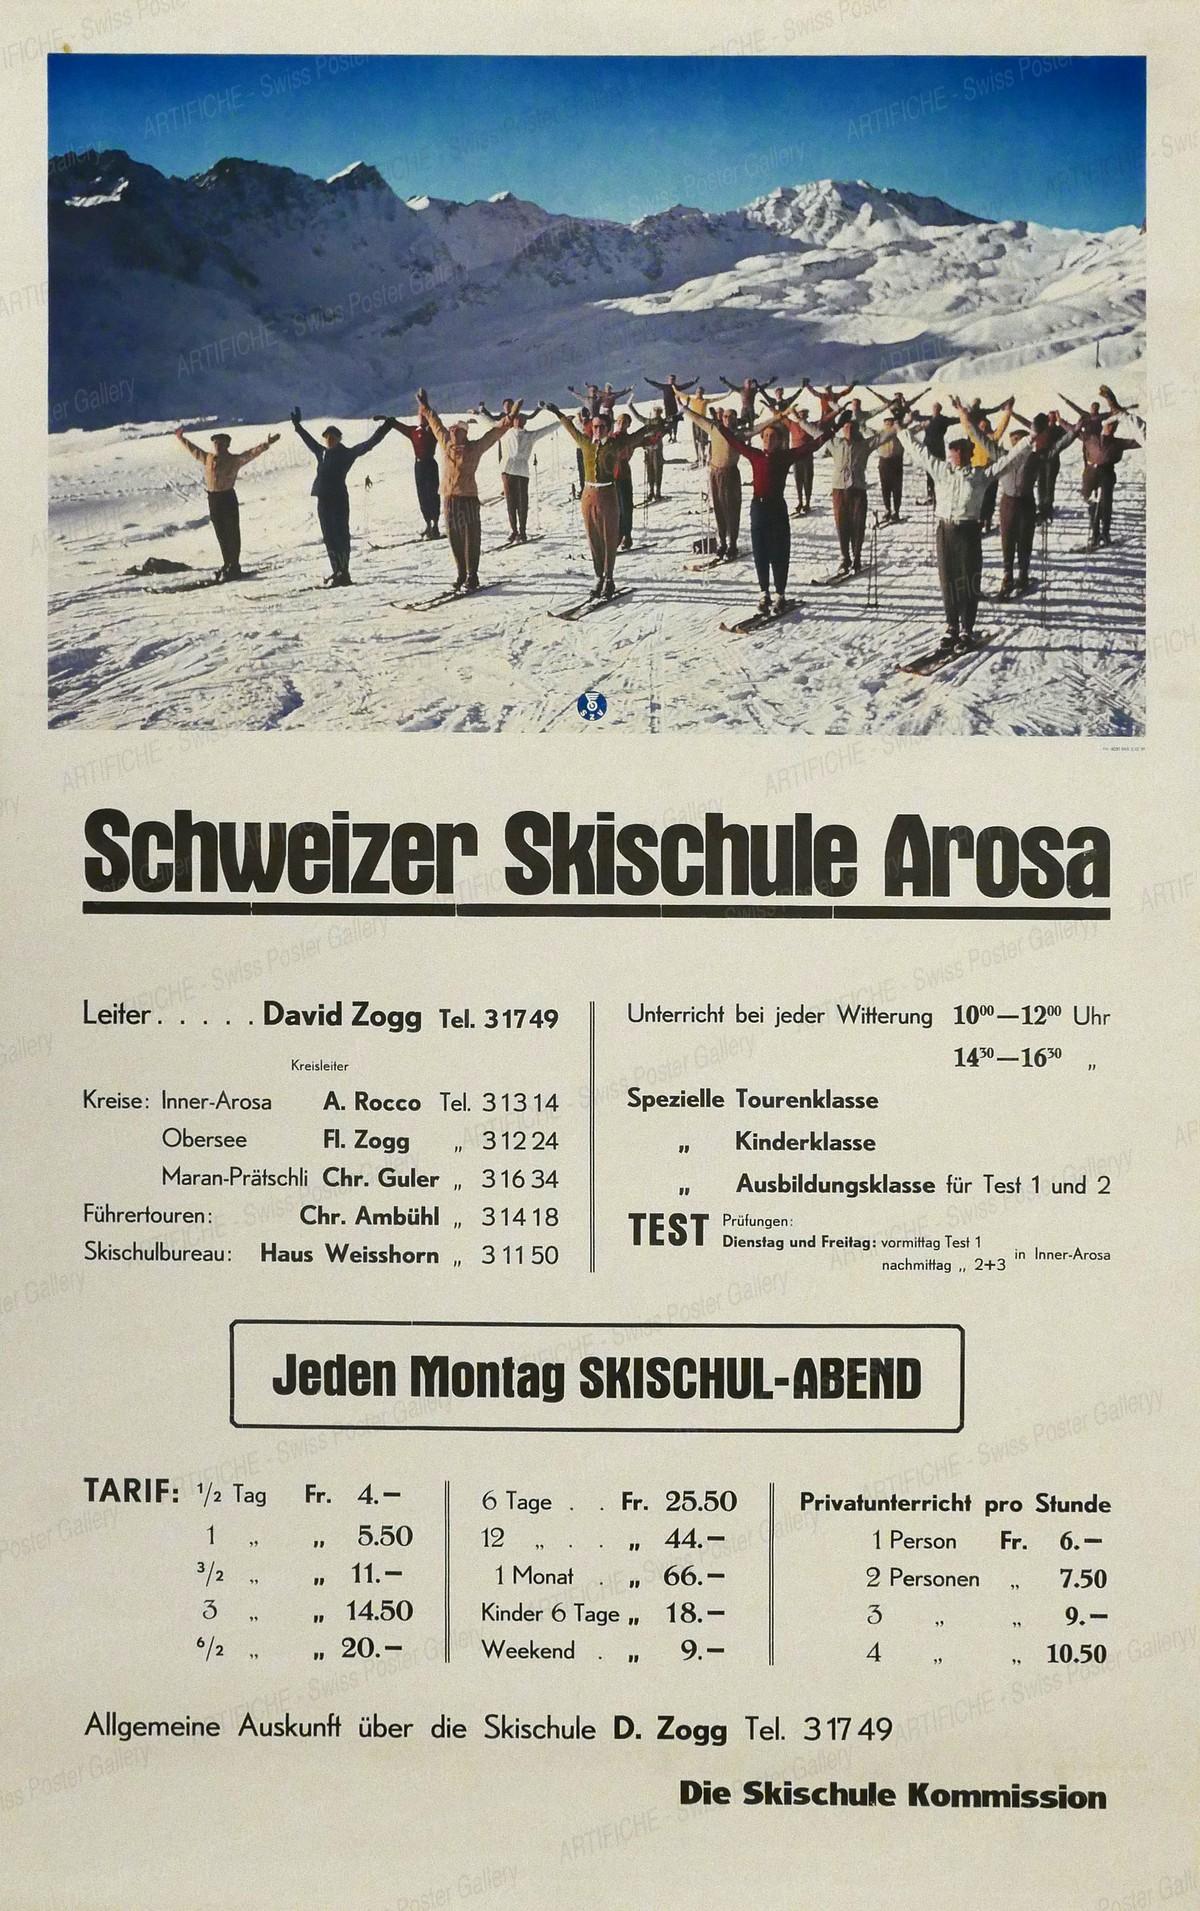 Schweizer Skischule Arosa, Artist unknown